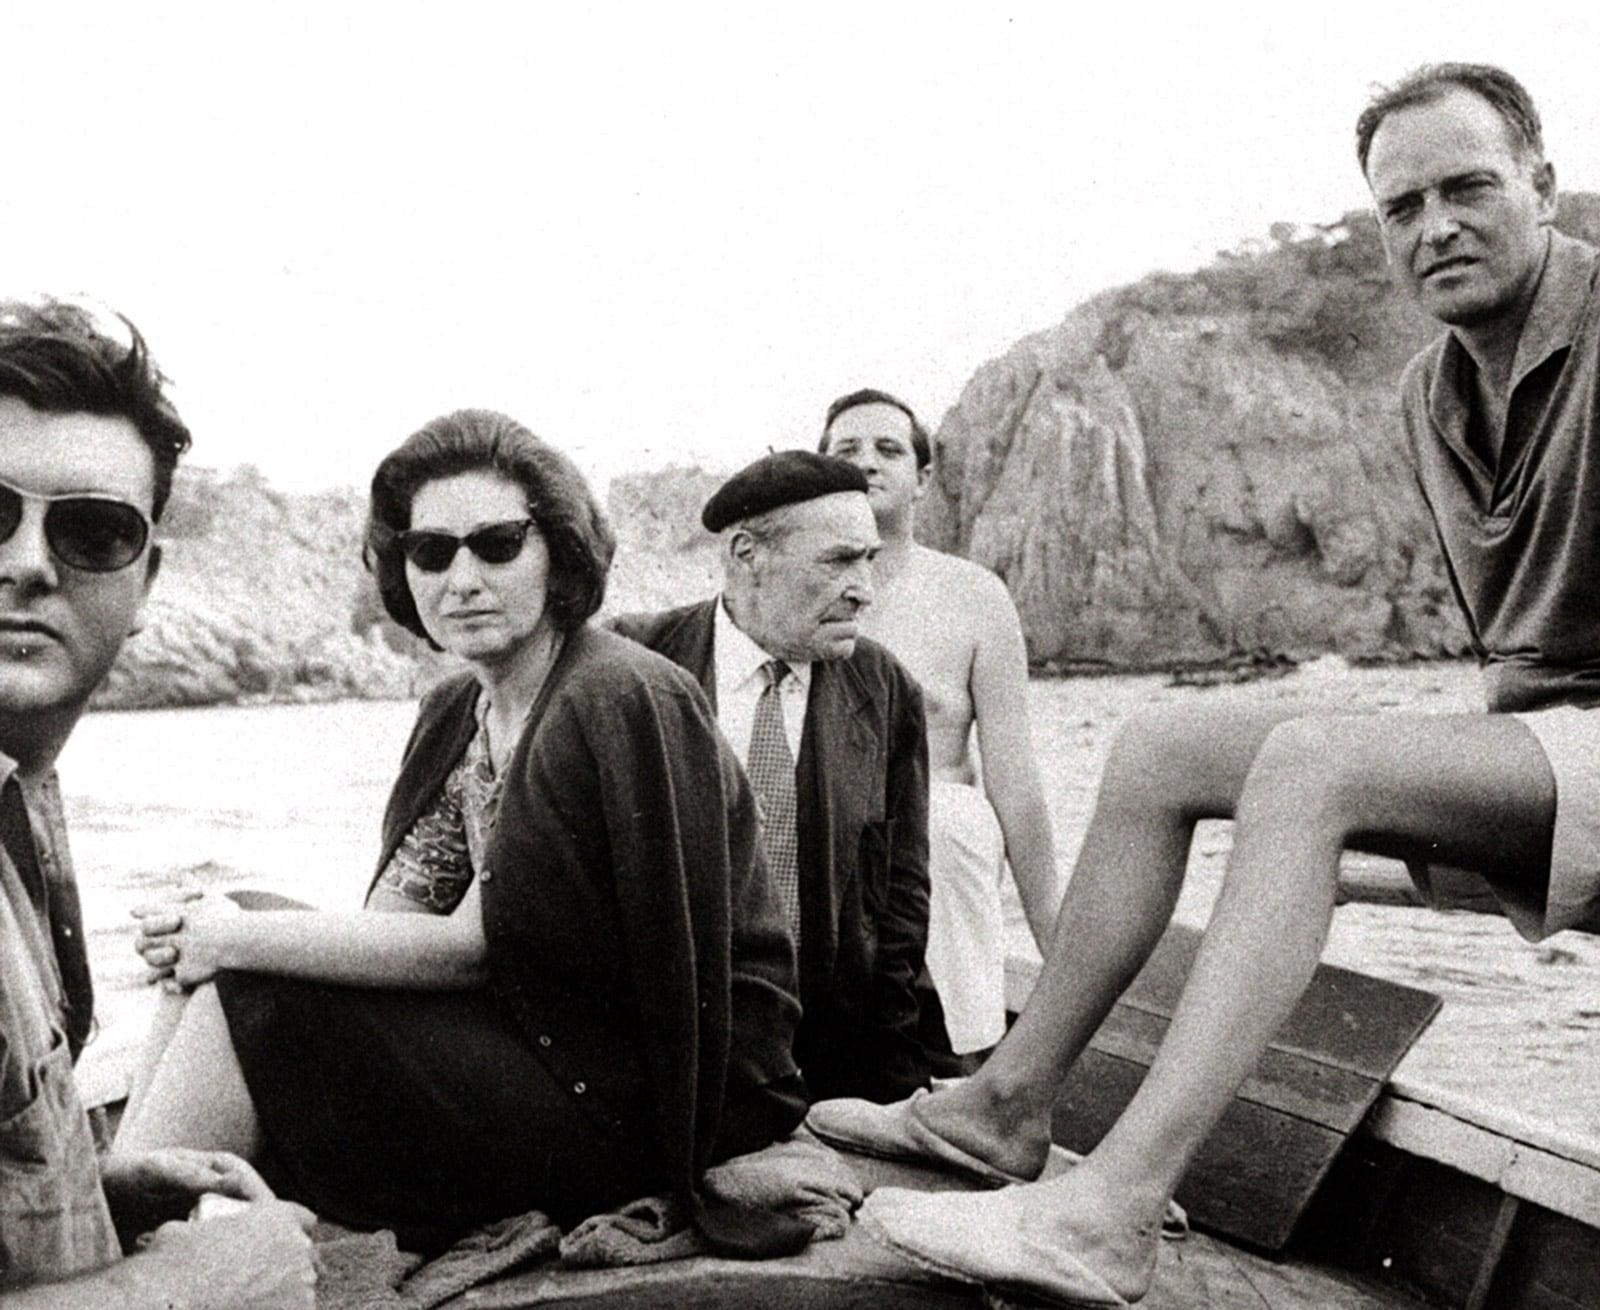 Josep Pla, al centre i Manuel Ortínez, a la dreta, amb uns amics a Tamariu, el 1960. Fotografia d'autor desconegut de la Fundació Pla. Col·lecció Destino.